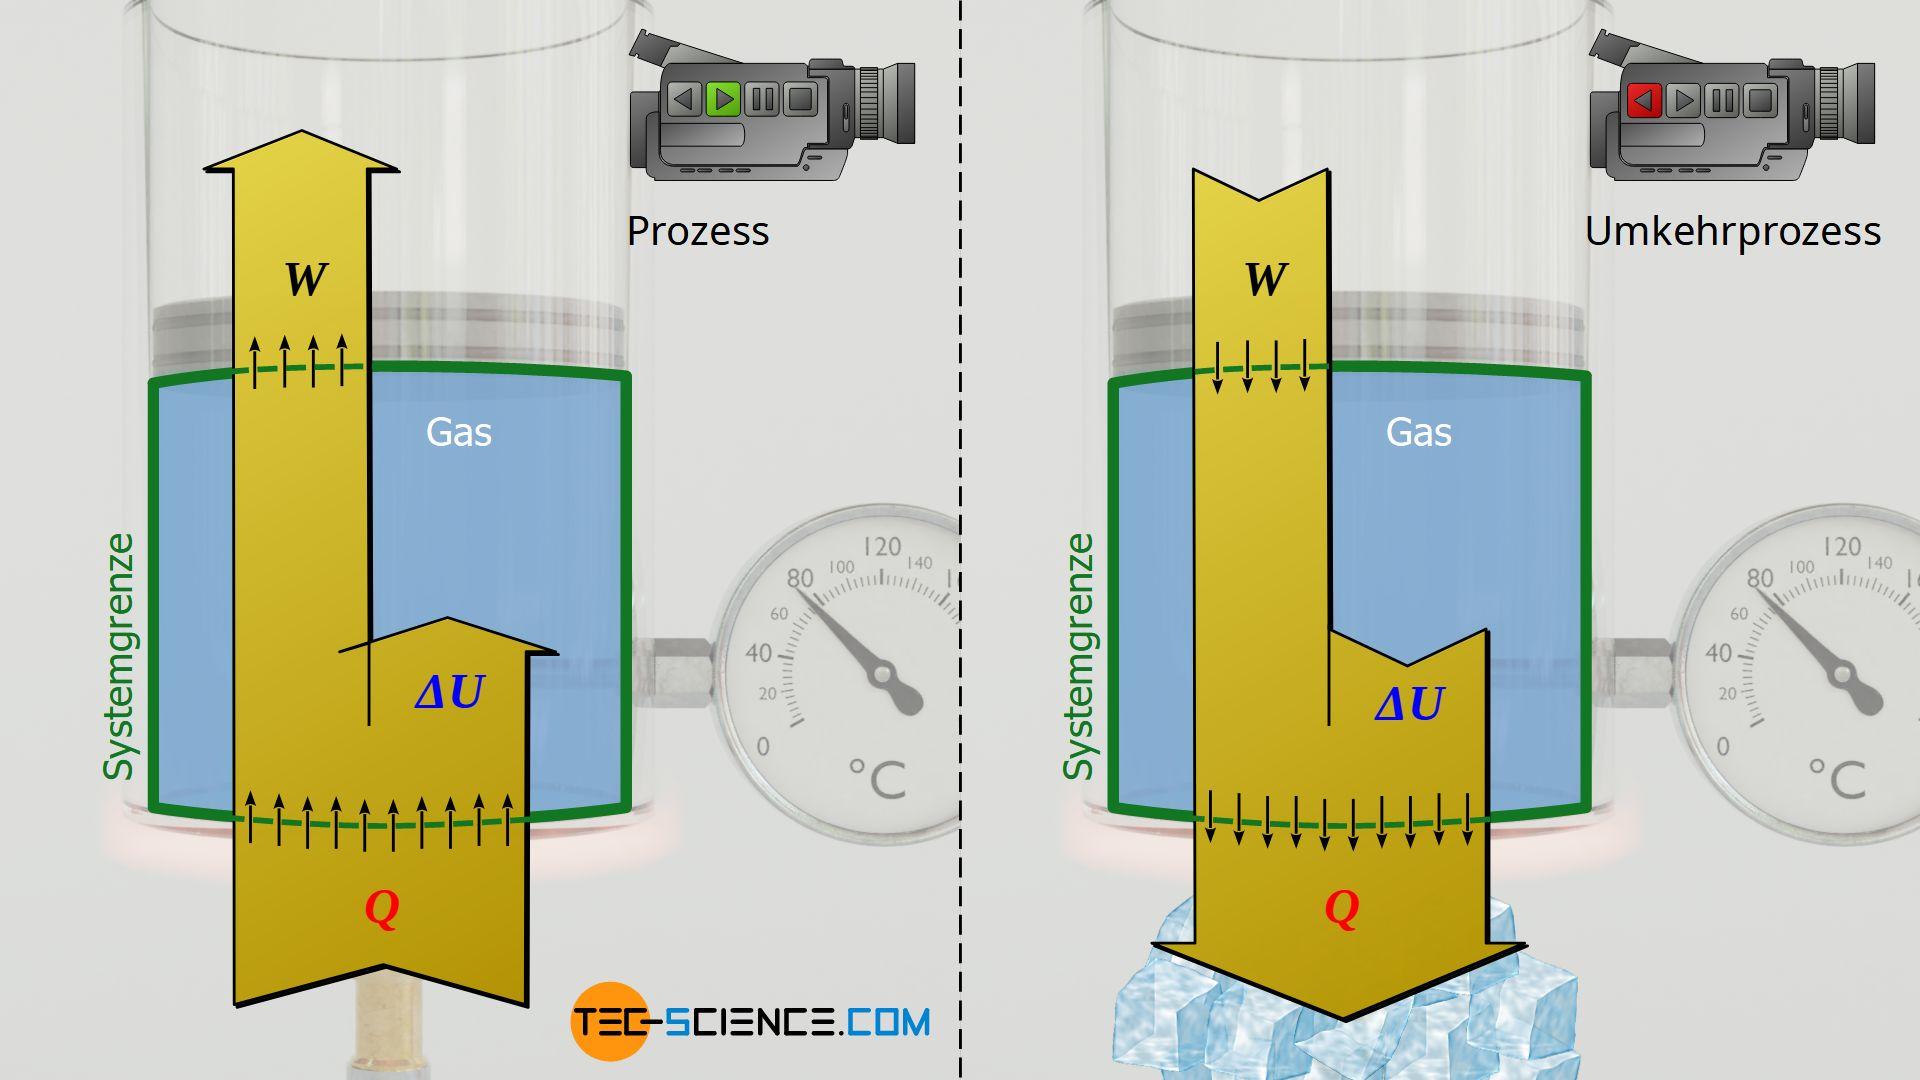 Isobare Wärmezufuhr bei Expansion / Isobare Wärmeabfuhr bei Kompression